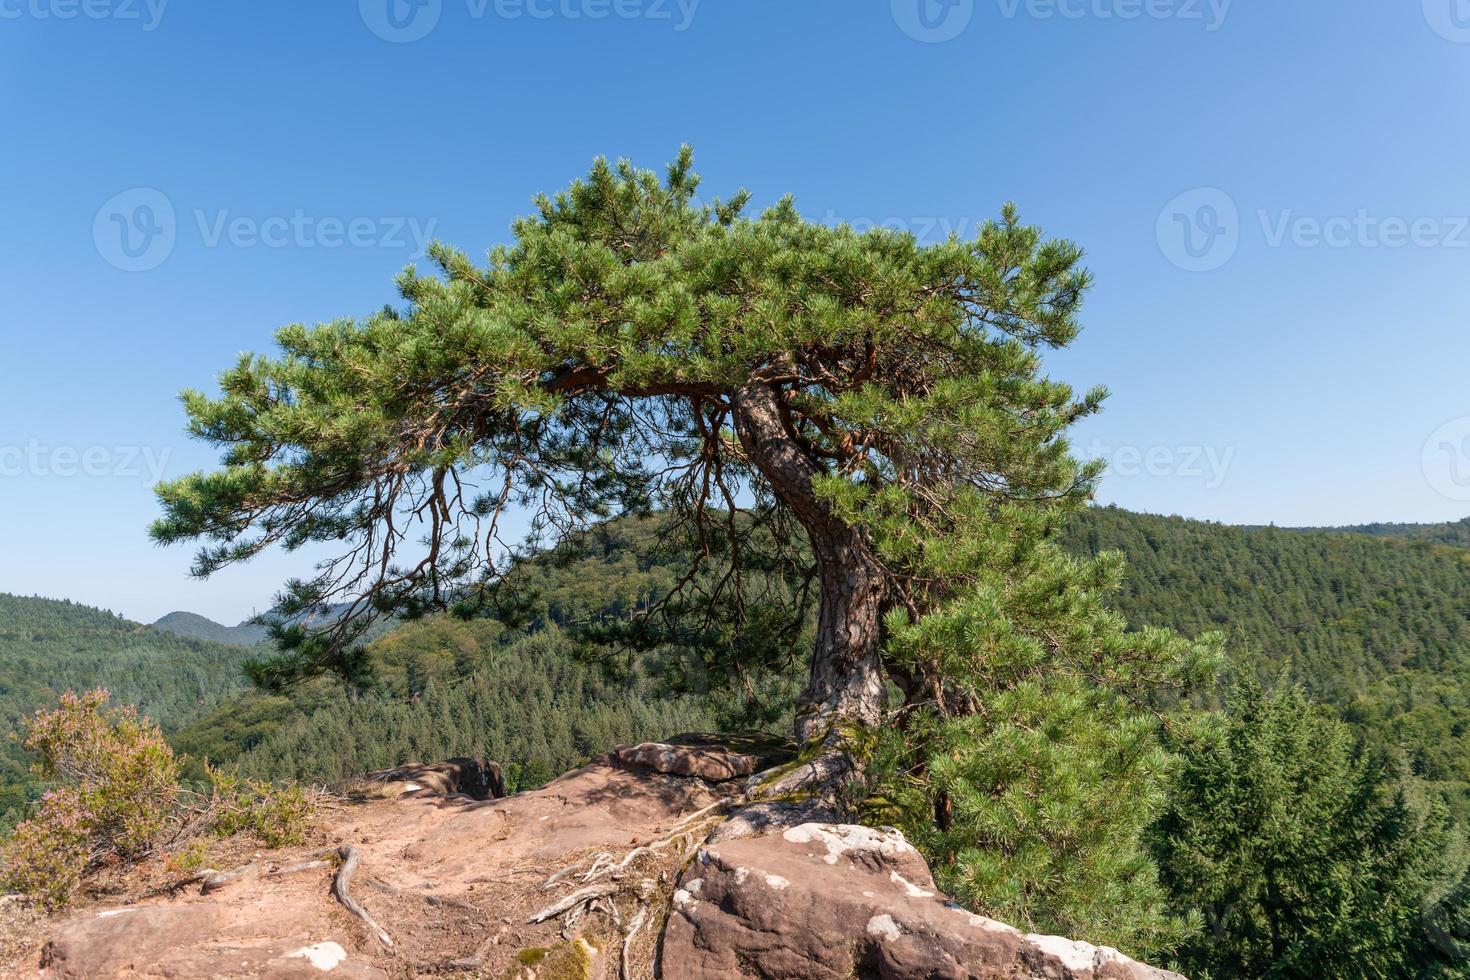 singolo pino storpio si erge sulla cima di una montagna sulle rocce foto